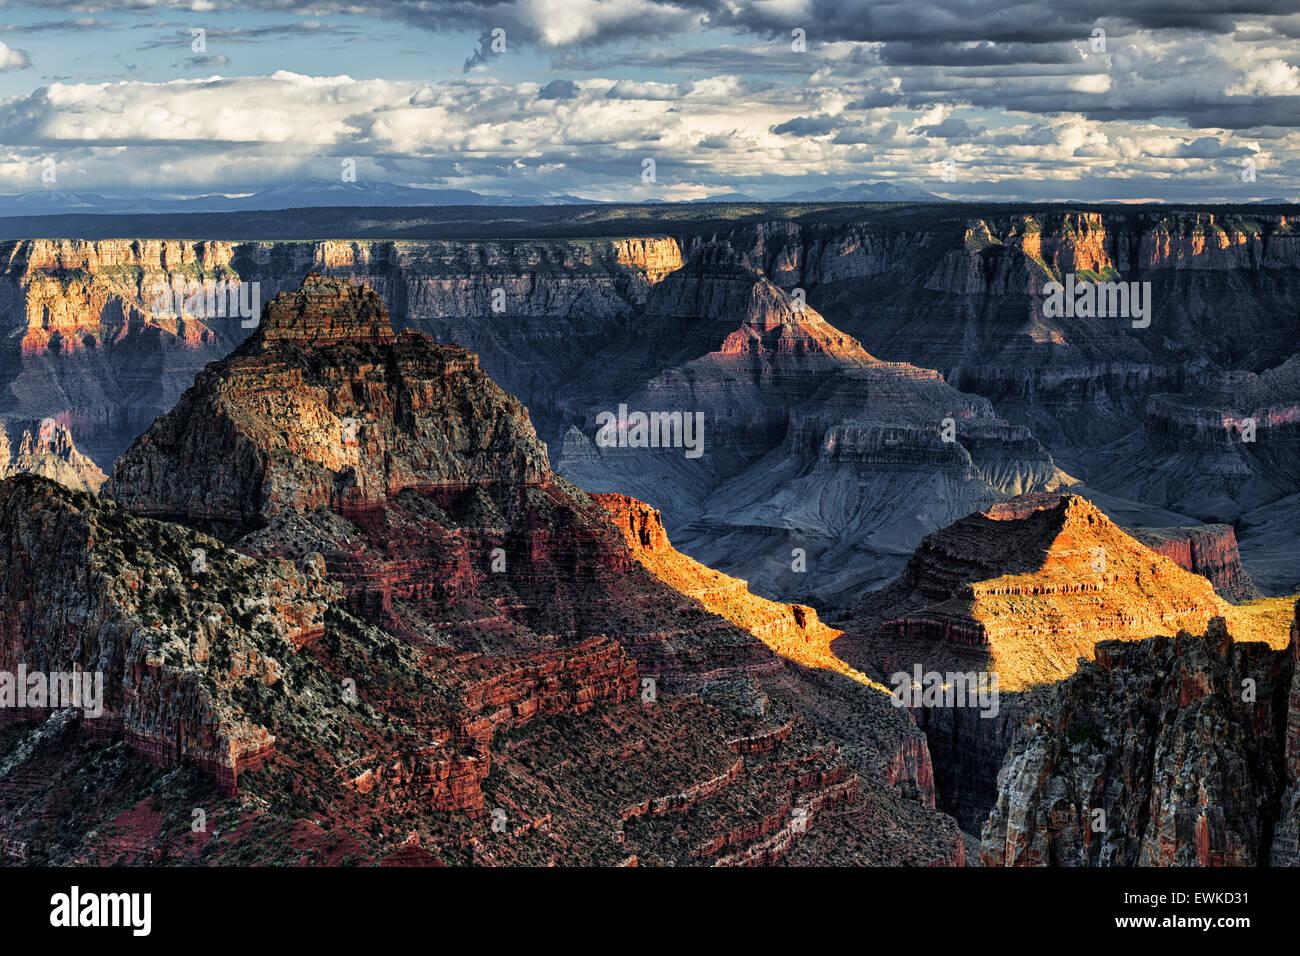 Am Abend Sonne bricht als Frühling Sturm baut über den North Rim von Arizona Grand Canyon National Park Stockbild